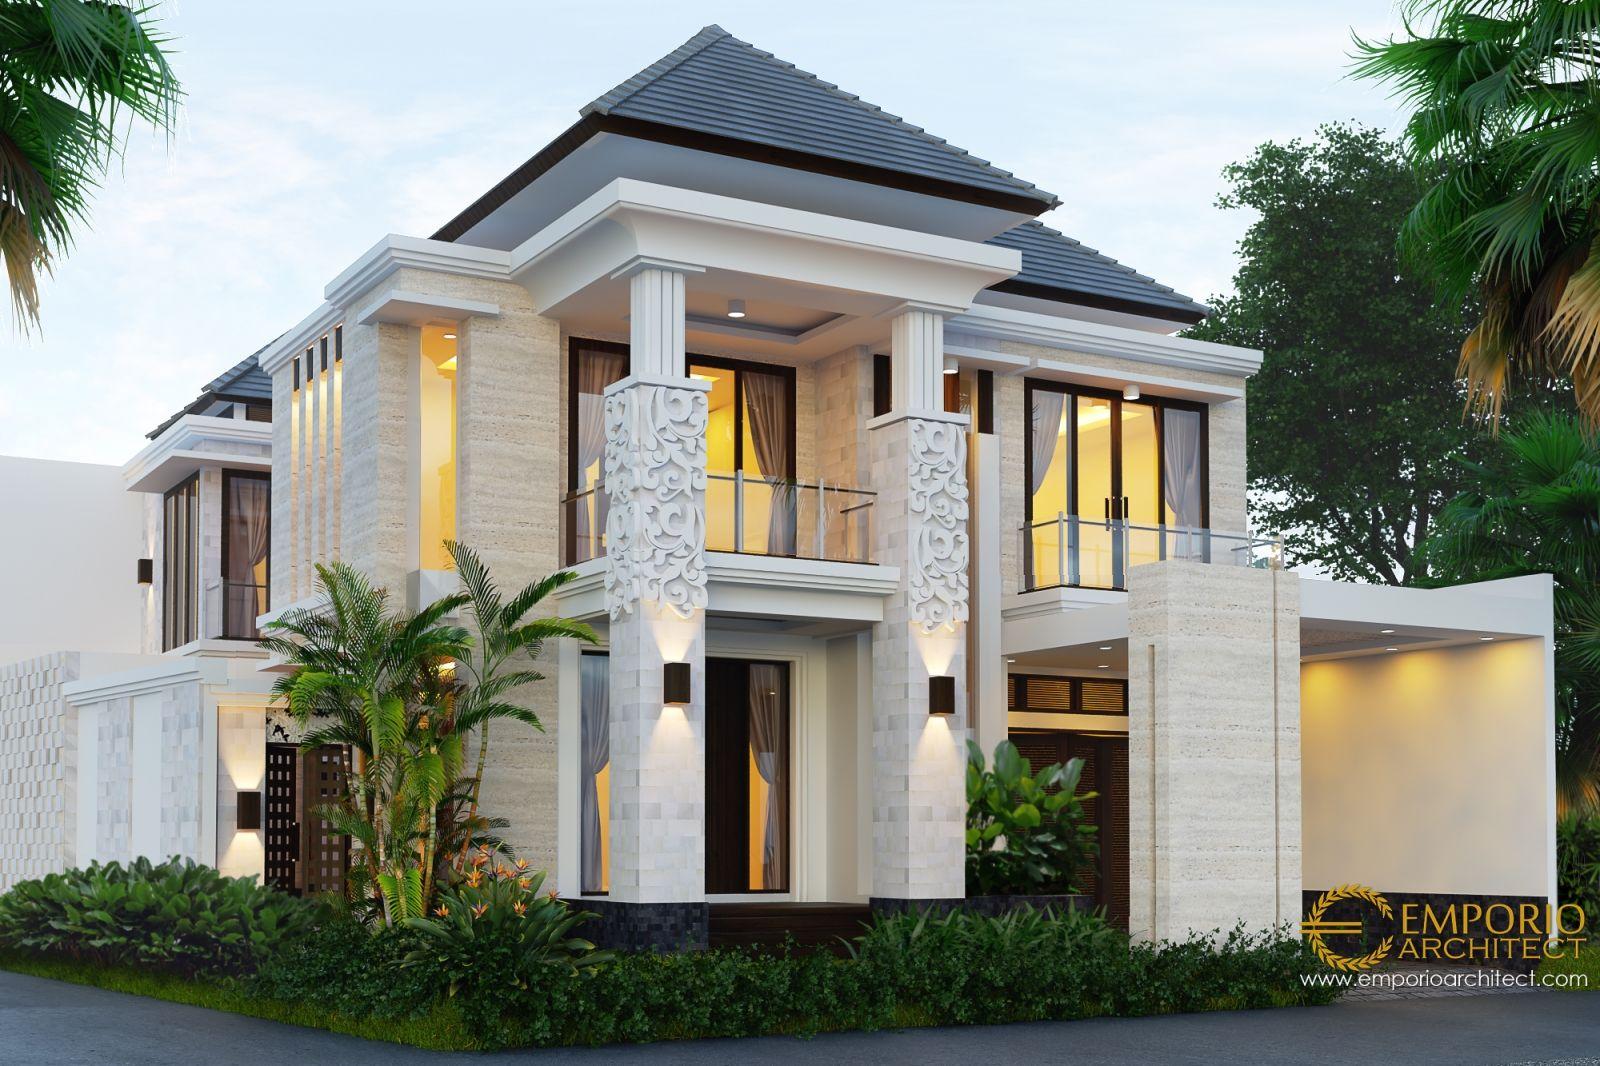 Jasa Arsitek Sanur Bali Desain Rumah Bapak Hari Jasa Arsitek Desain Rumah Berkualitas Desain Villa Bal Eksterior Rumah Rumah Arsitektur Eksterior Rumah Modern